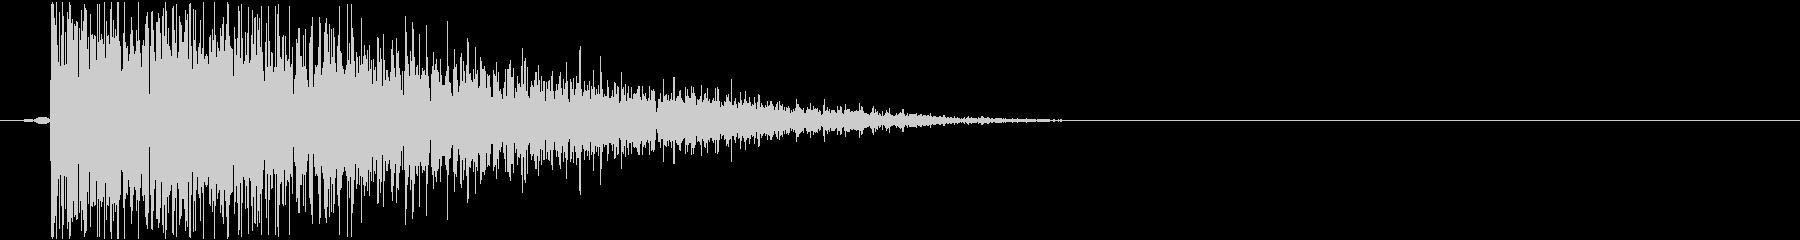 カーソル音_決定音_長調-E-05_の未再生の波形